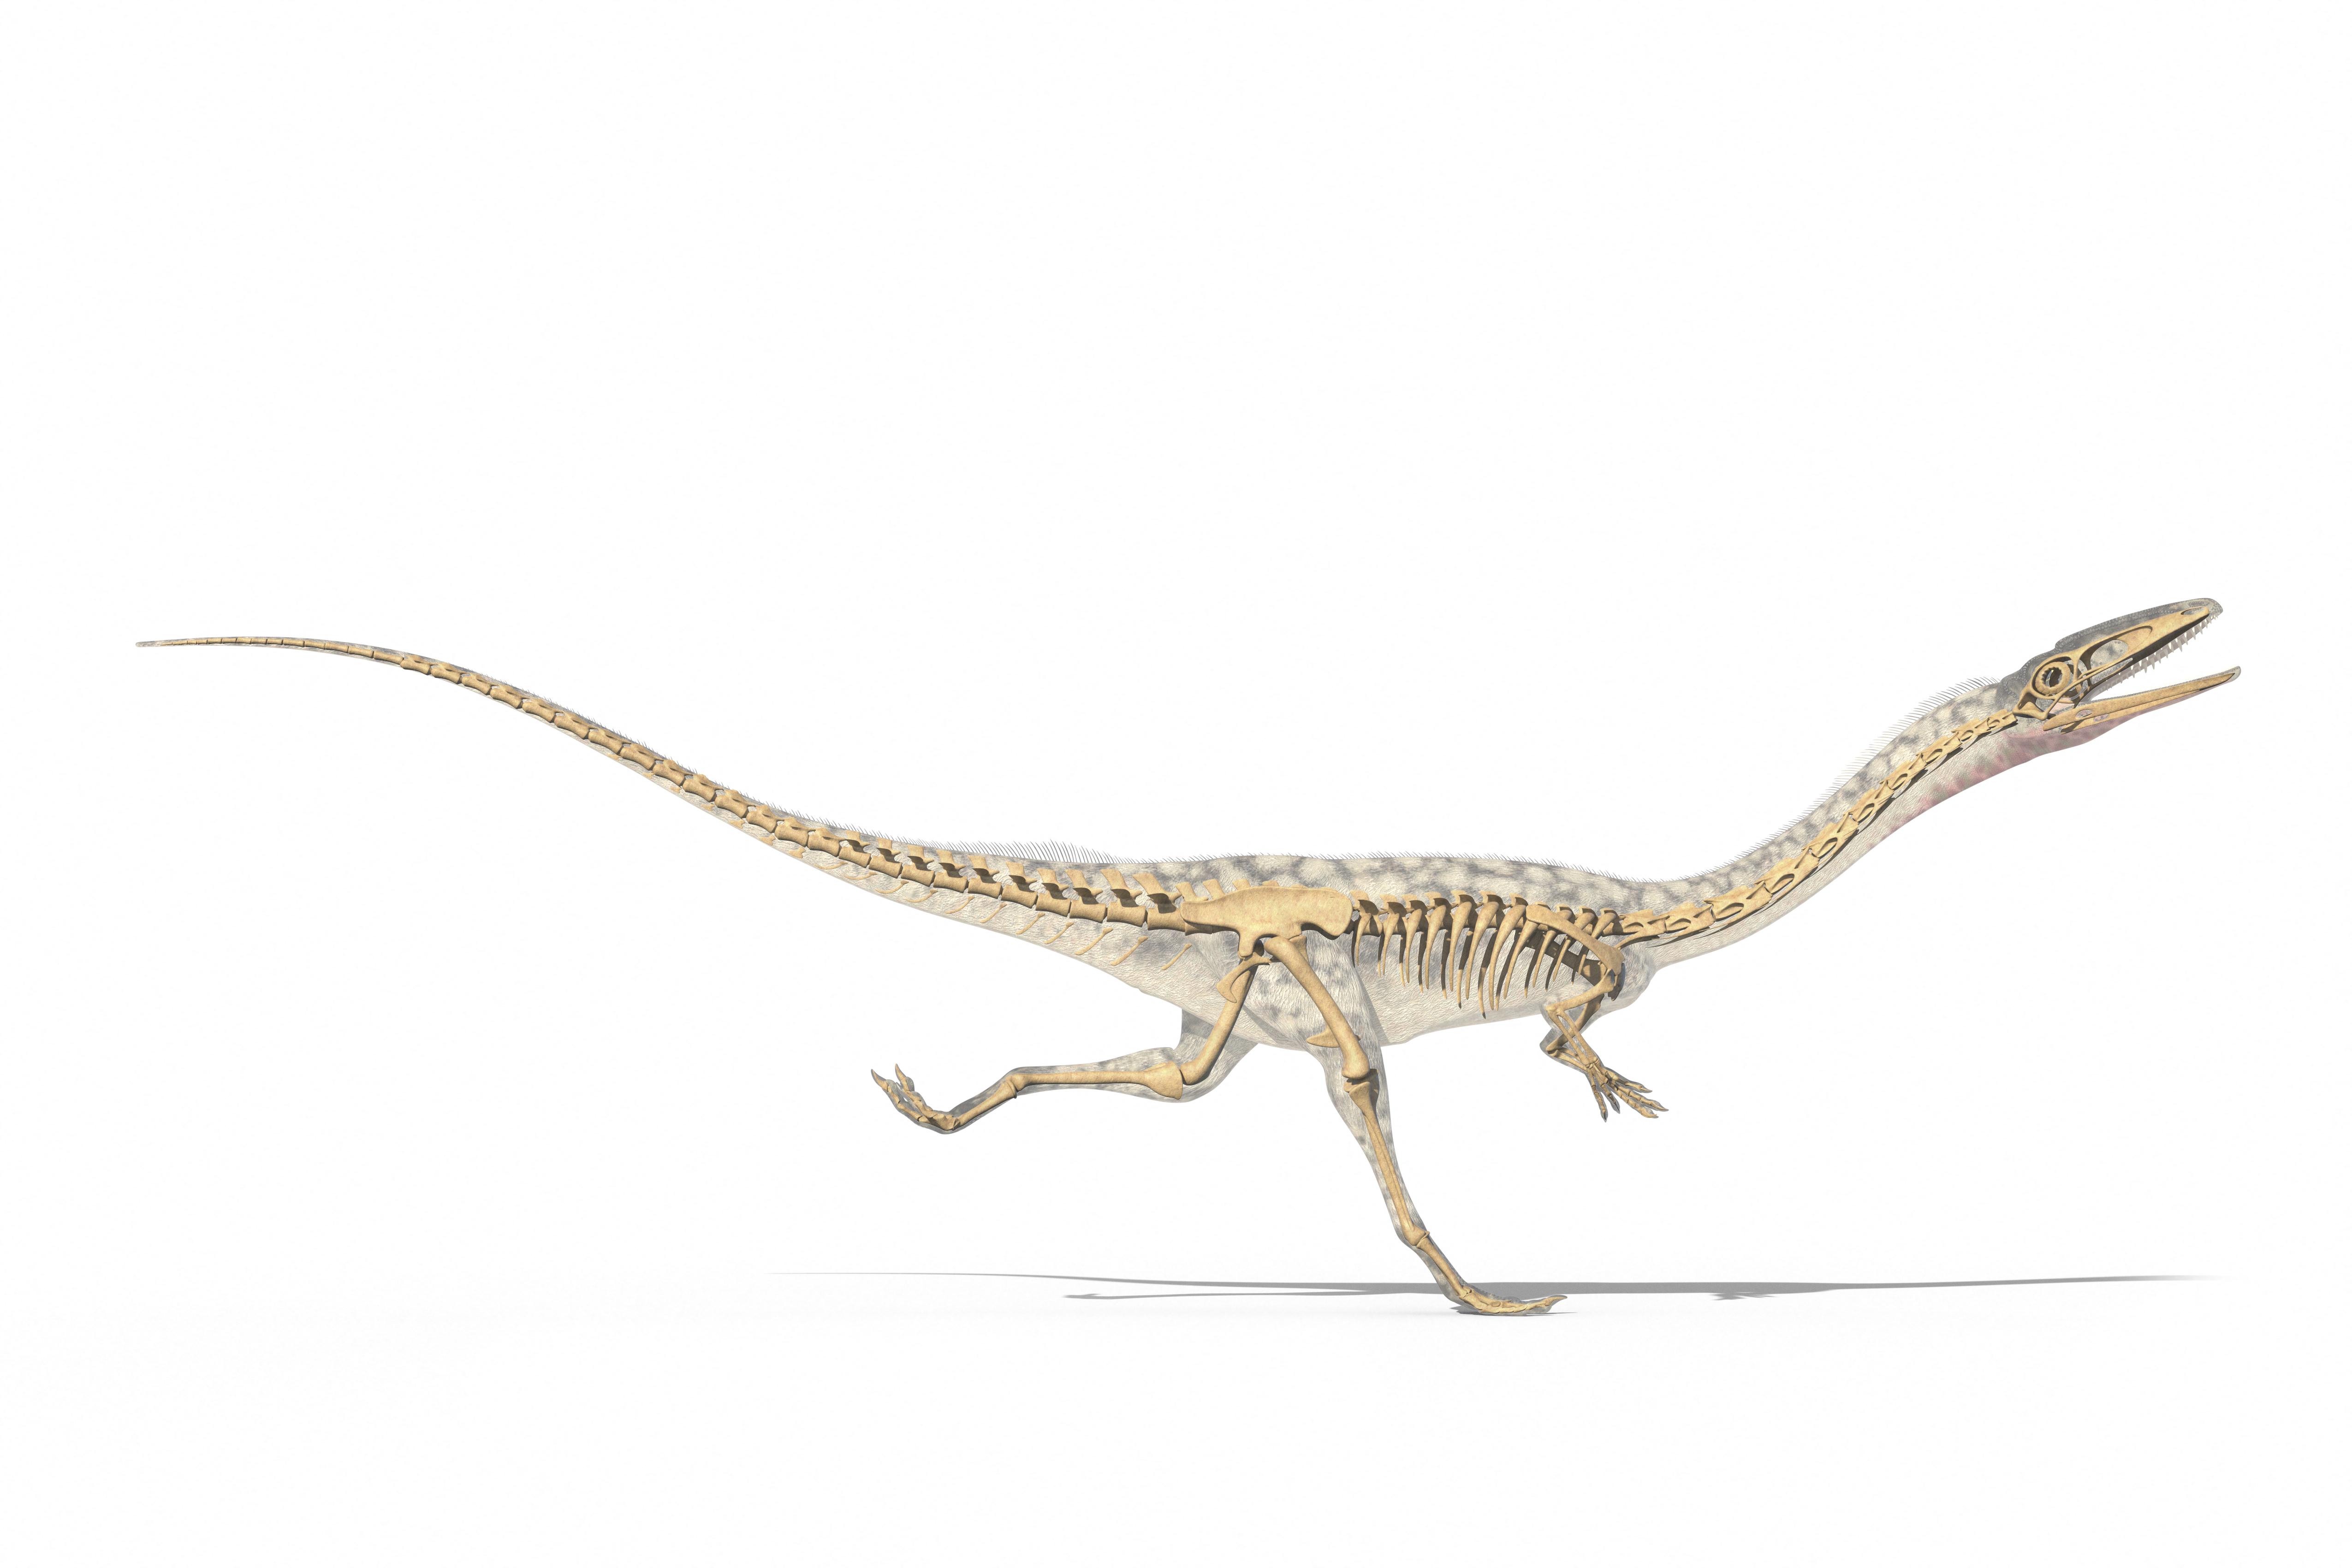 Farokcsóválva közlekedhettek a kétlábú dinoszauruszok